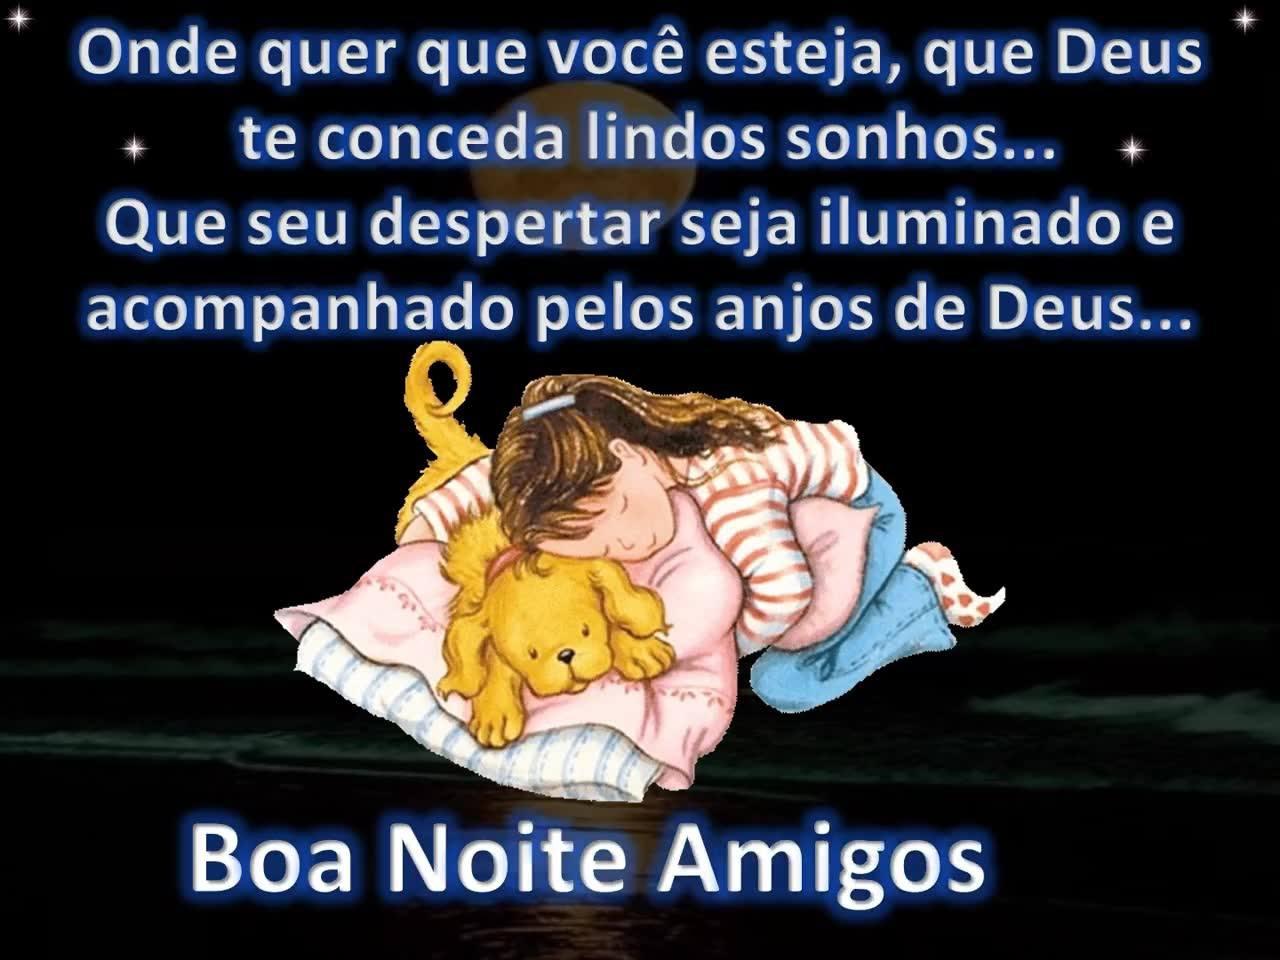 Mensagem De Boa Noite Para Amigos! Que Os Anjos De Deus